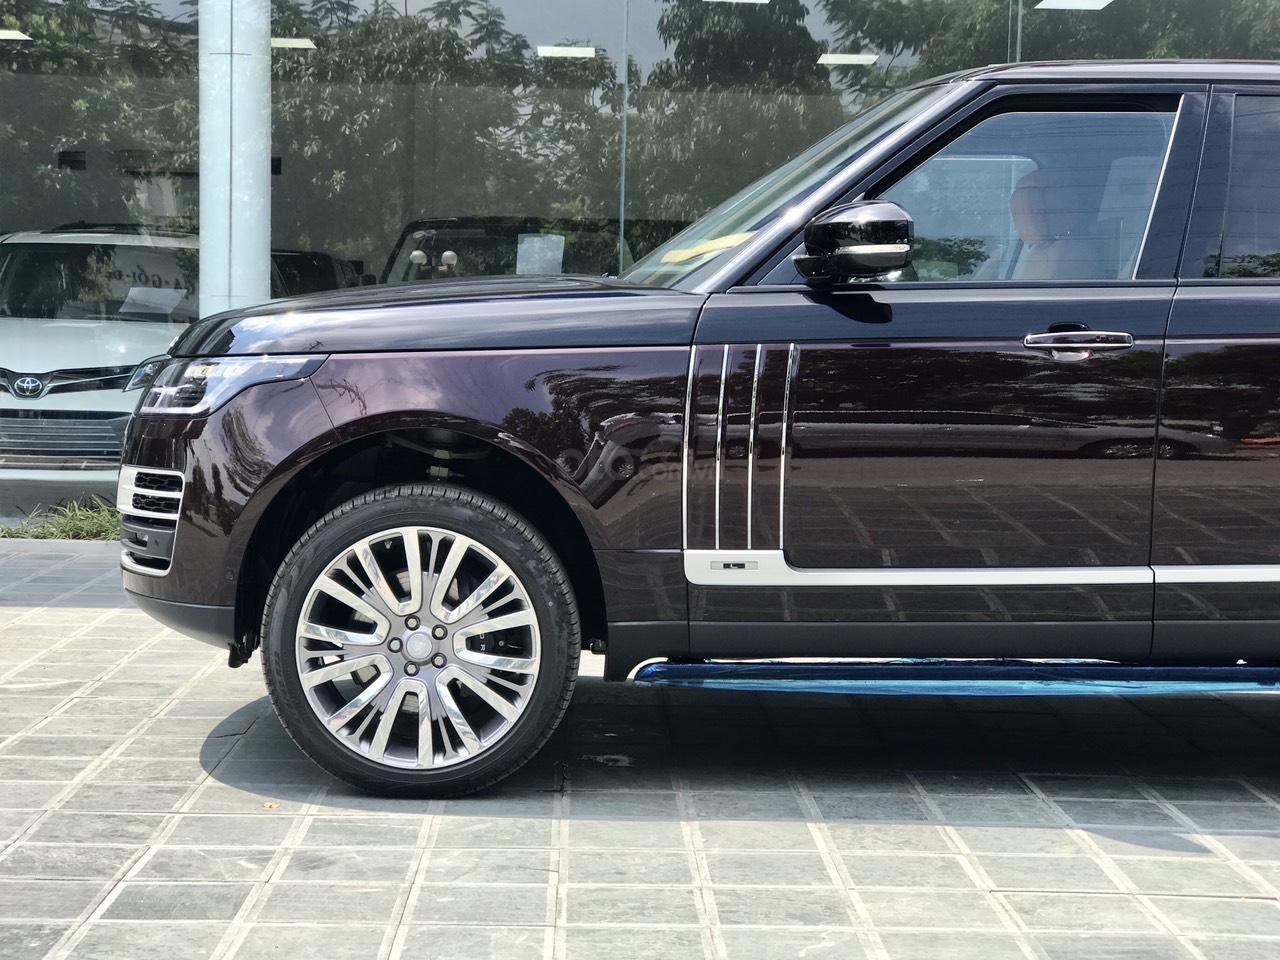 Bán xe Range Rover SV Autobiography 3.0 màu đỏ 2020, xe có sẵn giao ngay toàn quốc, giá tốt LH Ms Hương (2)